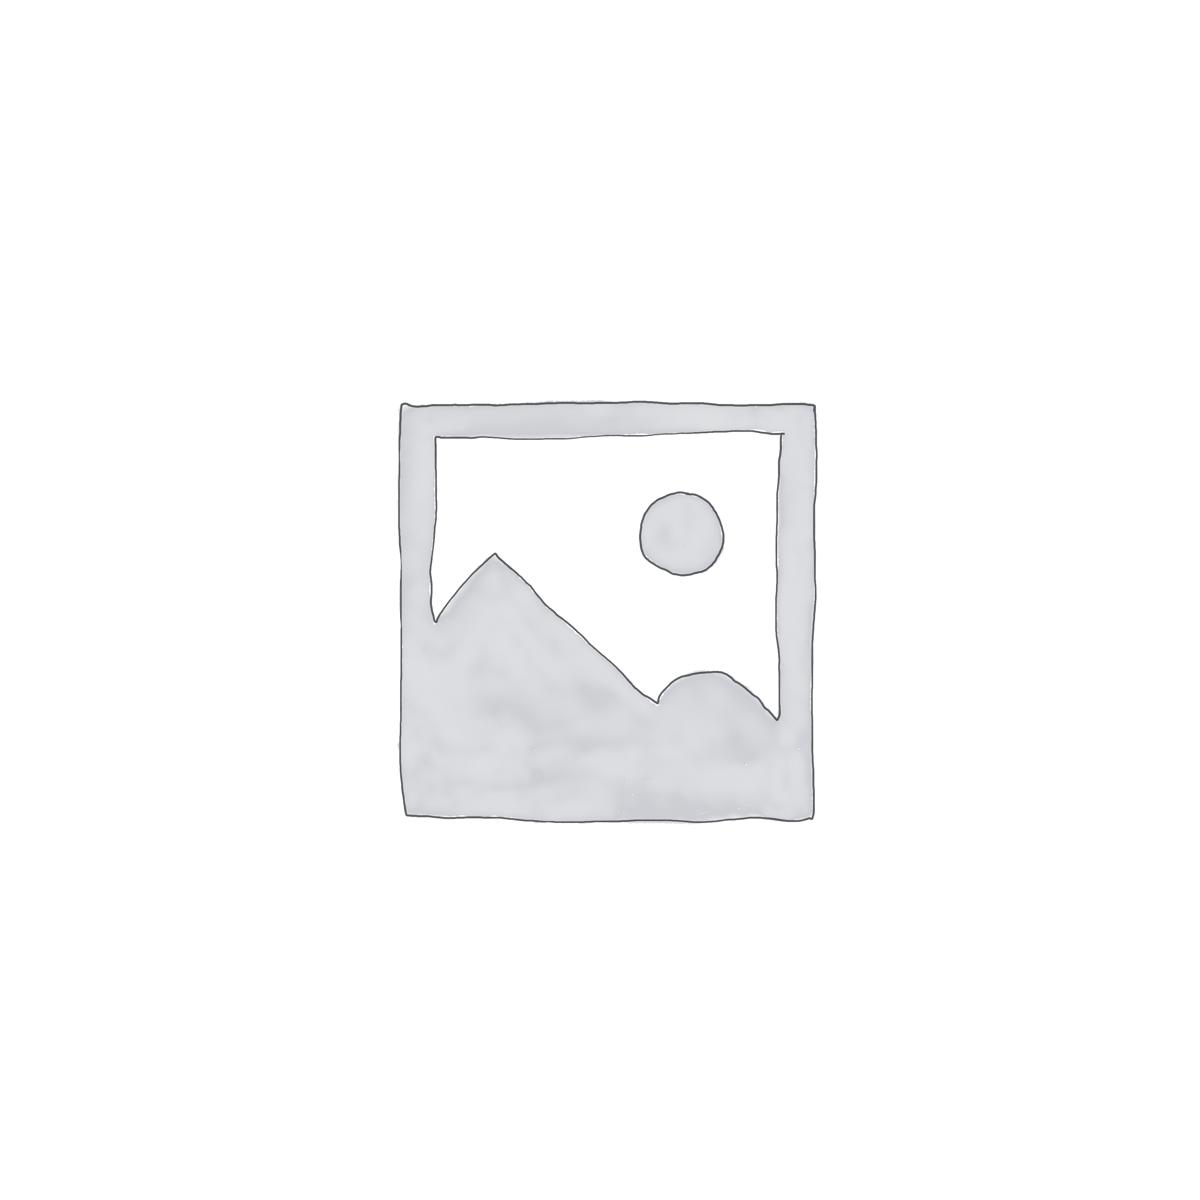 Checkboard Cut Morganite, Diamond 18ct White & Rose Gold Pendant